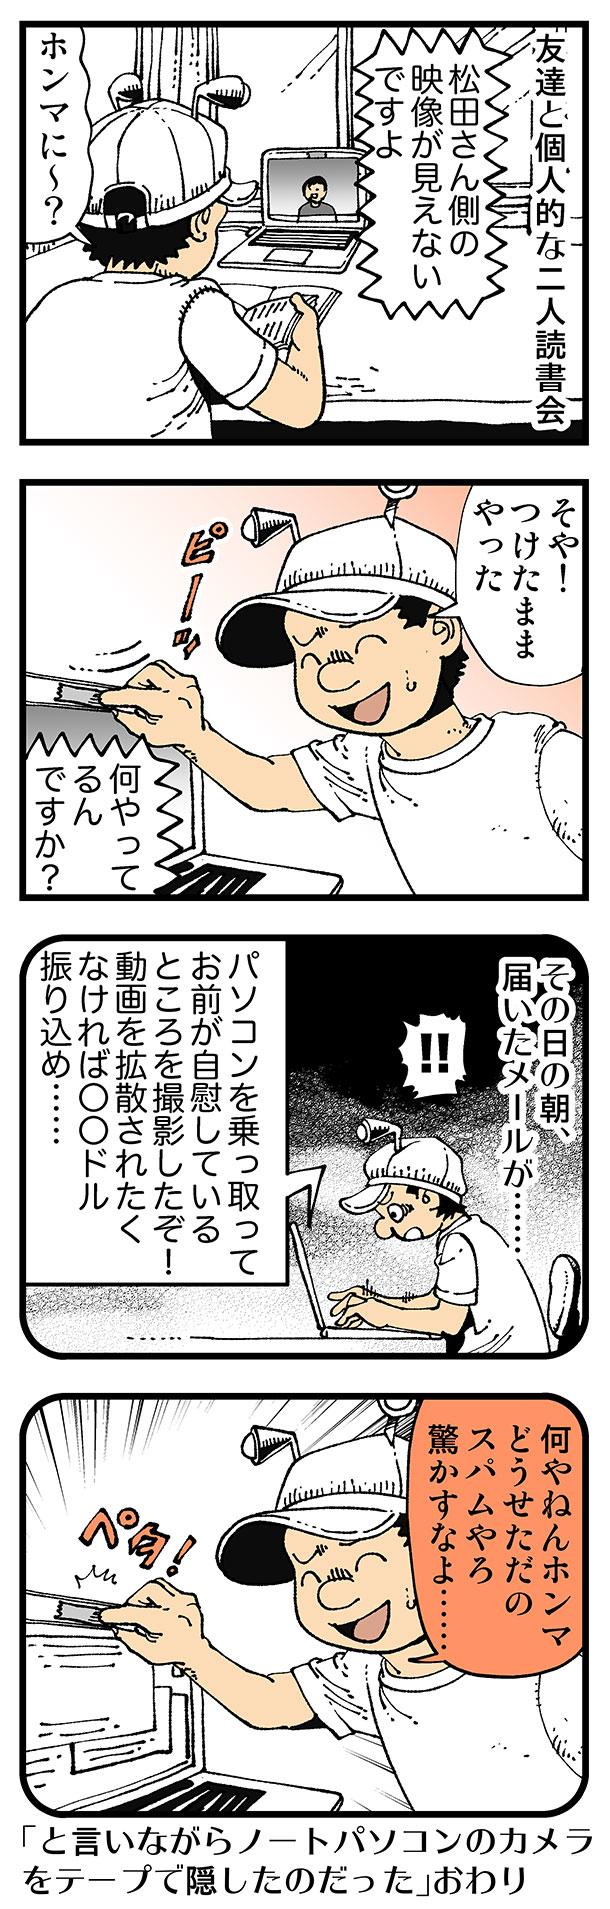 【普通】監視社会の衝撃!